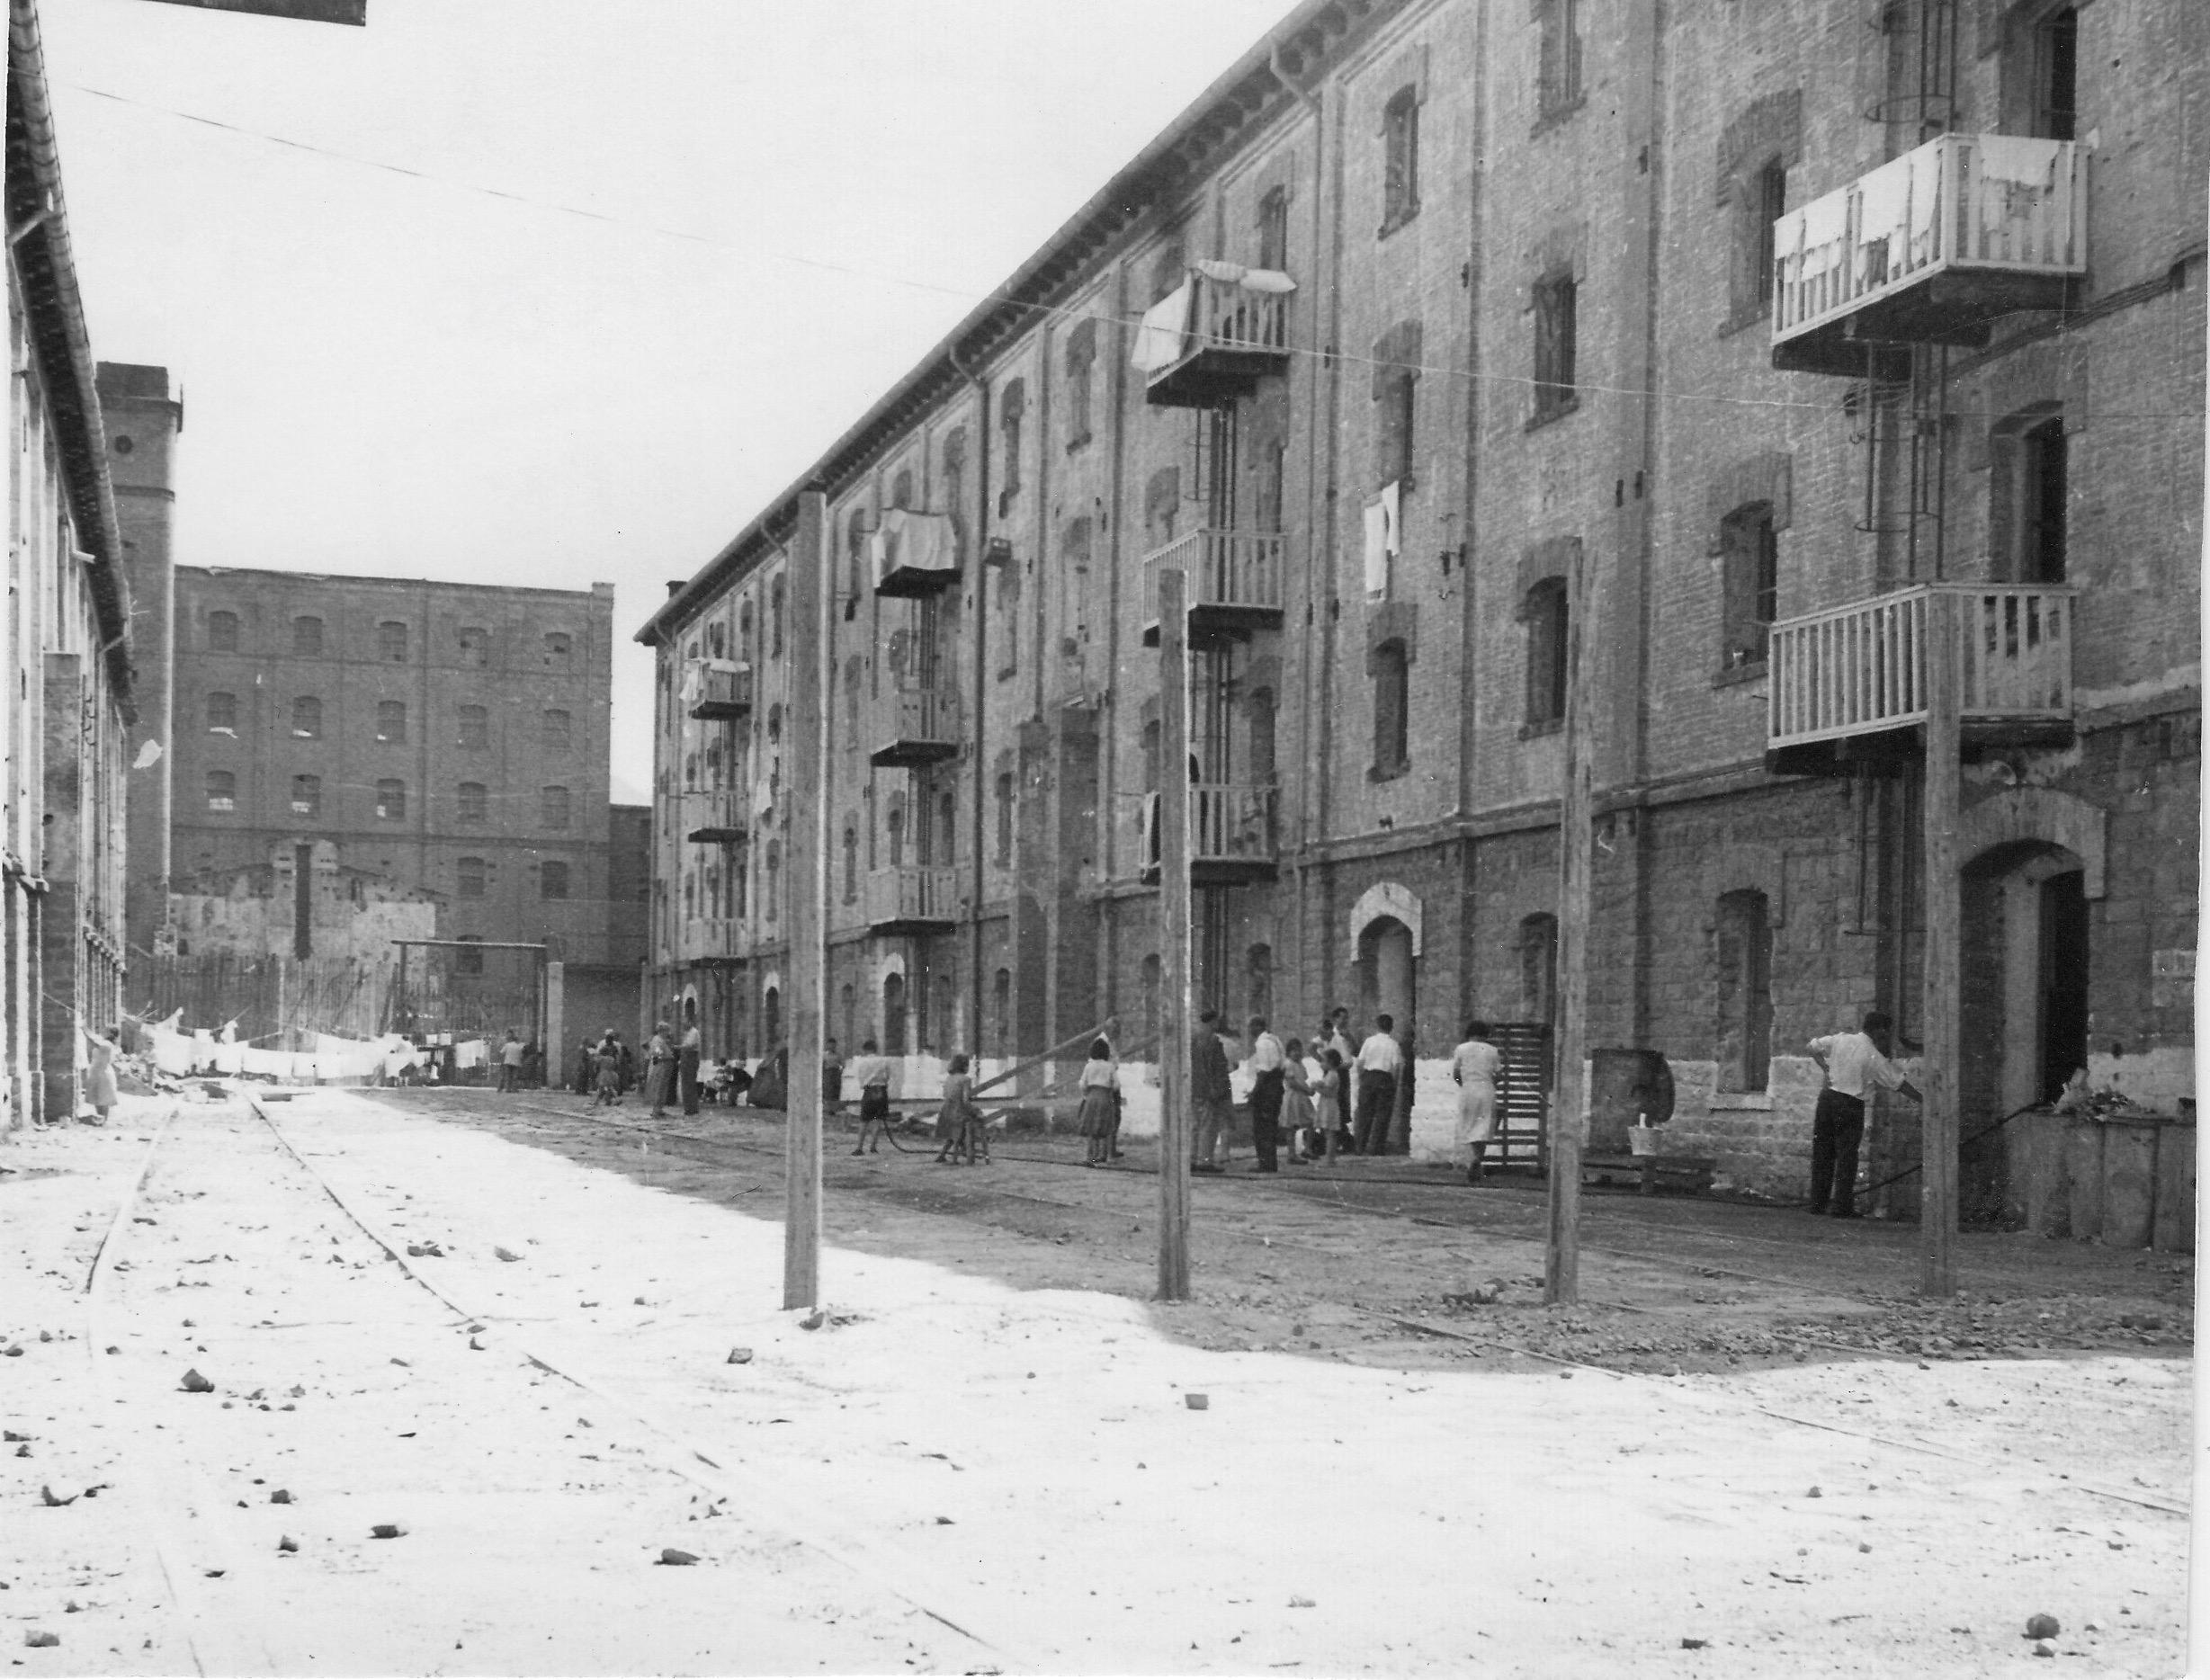 San Sabba main camp 3 stories, 500 people on each floor 1950-51